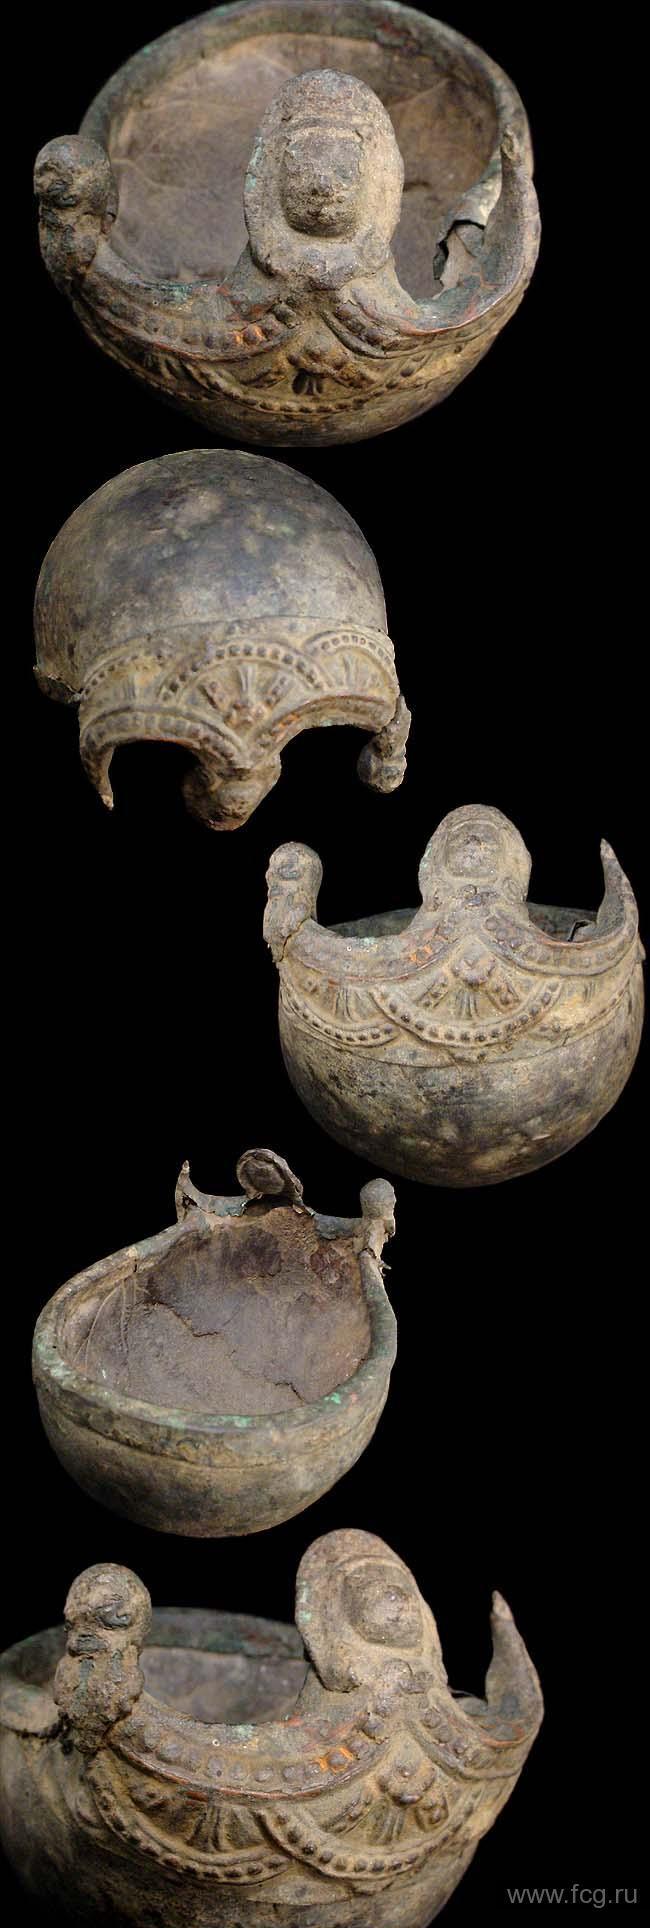 Ритуальная посуда (капала) Жесть, Религия, Ритуал, Капала, Длиннопост